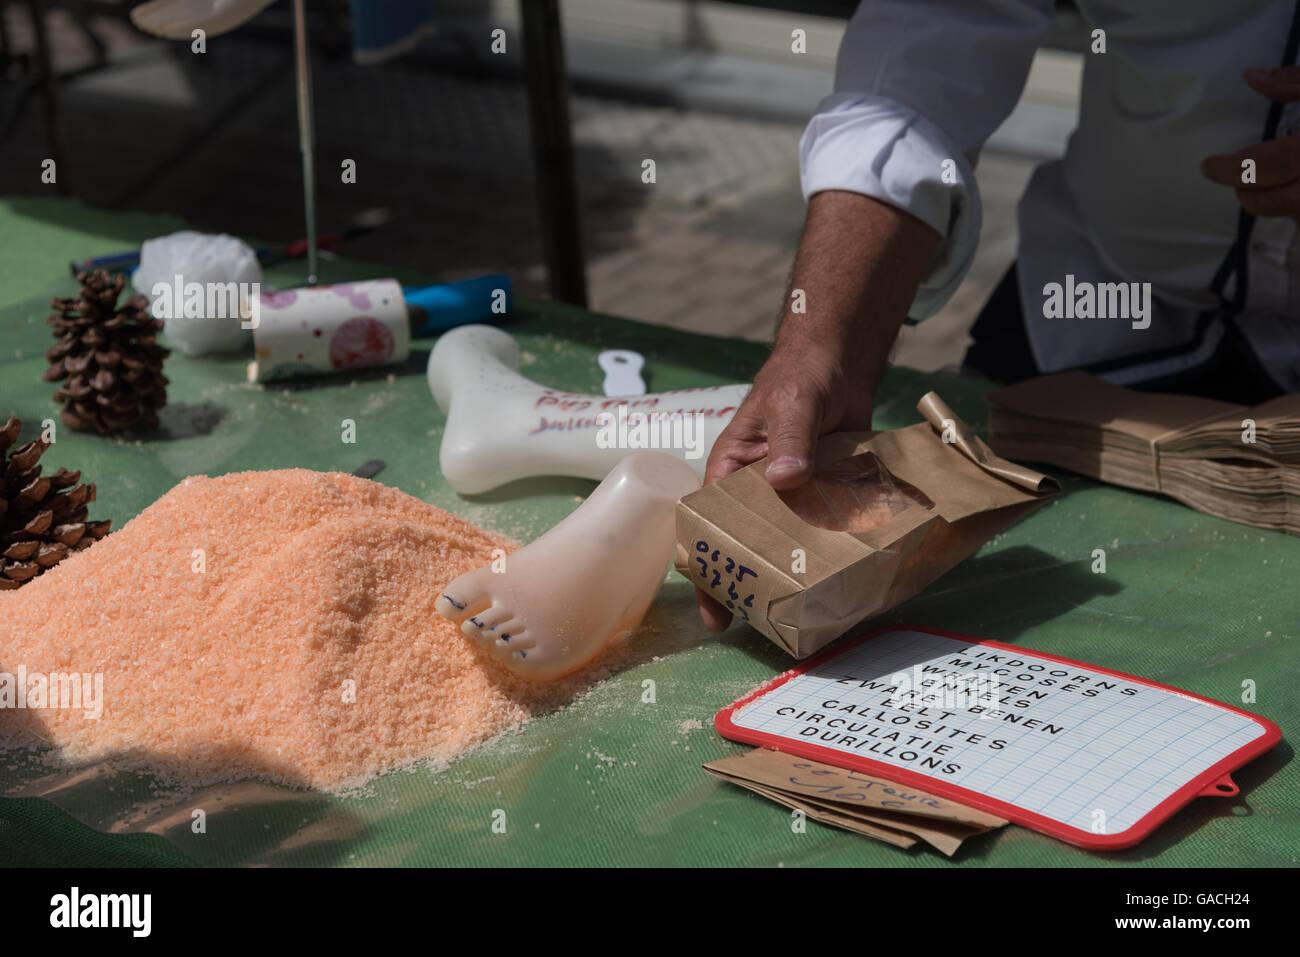 Home Remedies für verschiedene Fuß Beschwerden, die auf dem Markt am Samstag, De Panne, Belgien zur Verfügung. Stockbild